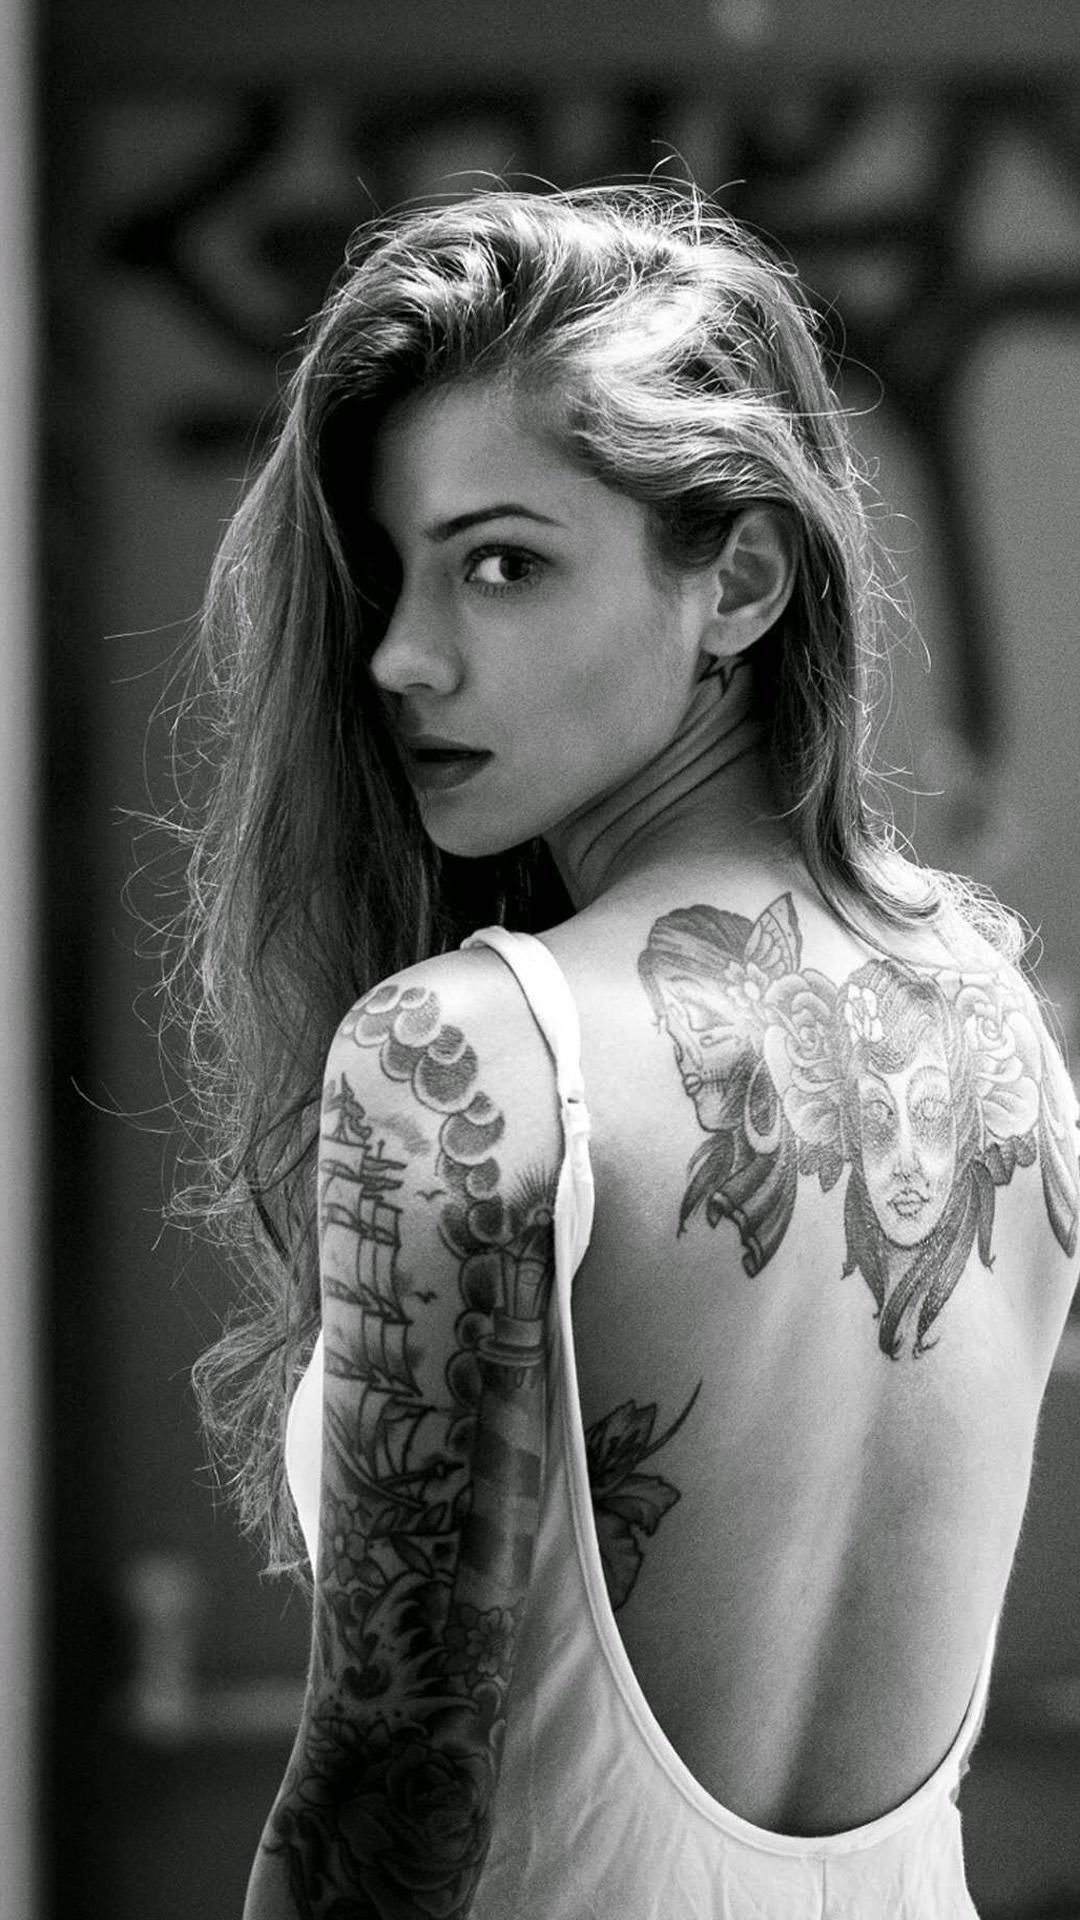 48] Tattoo Girl iPhone Wallpaper on WallpaperSafari 1080x1920